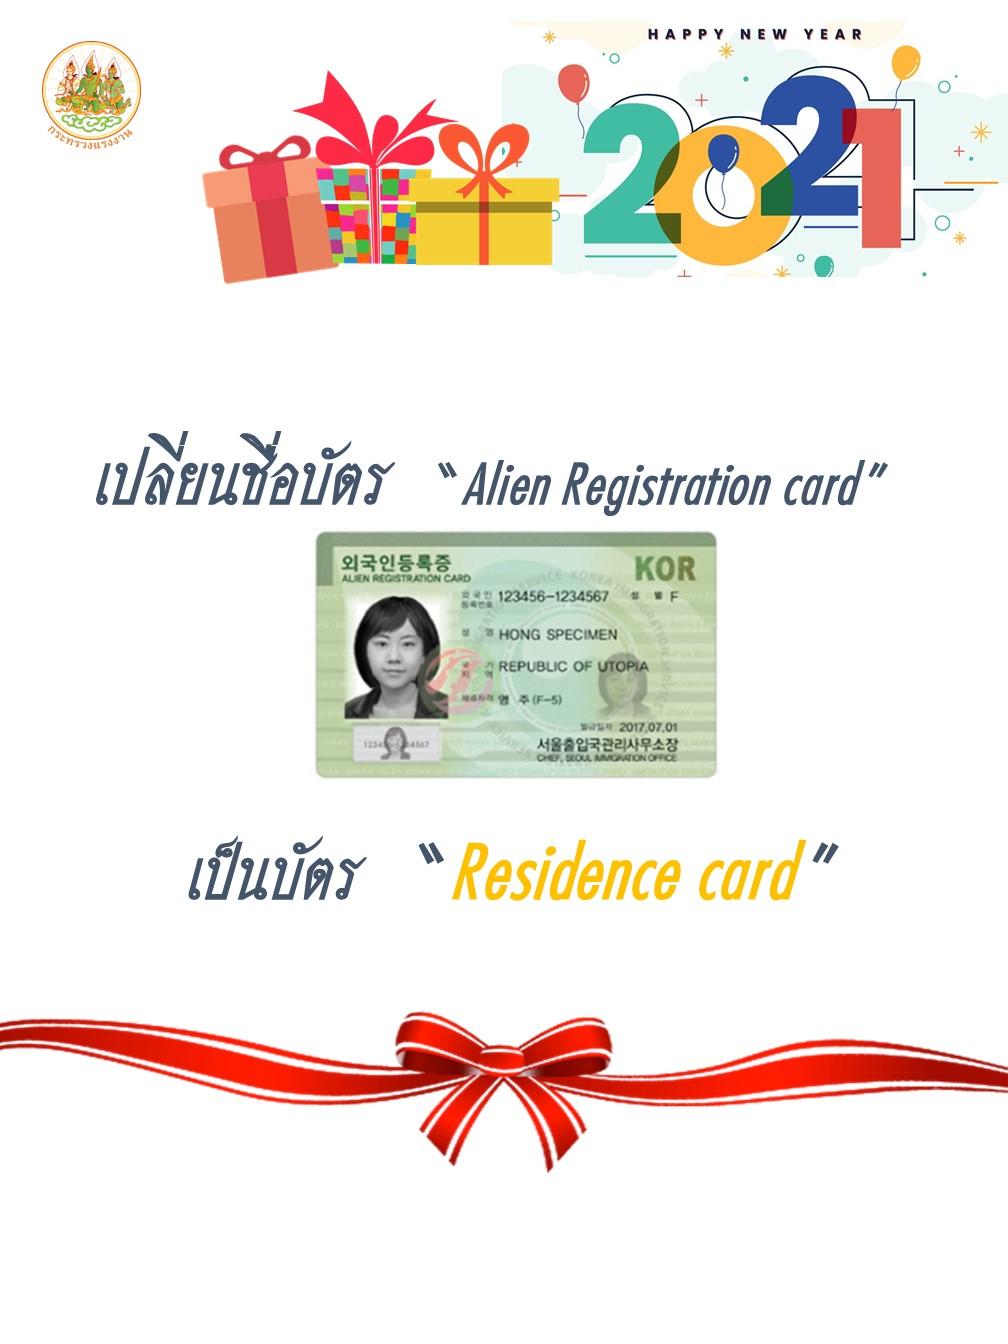 บัตร residence card